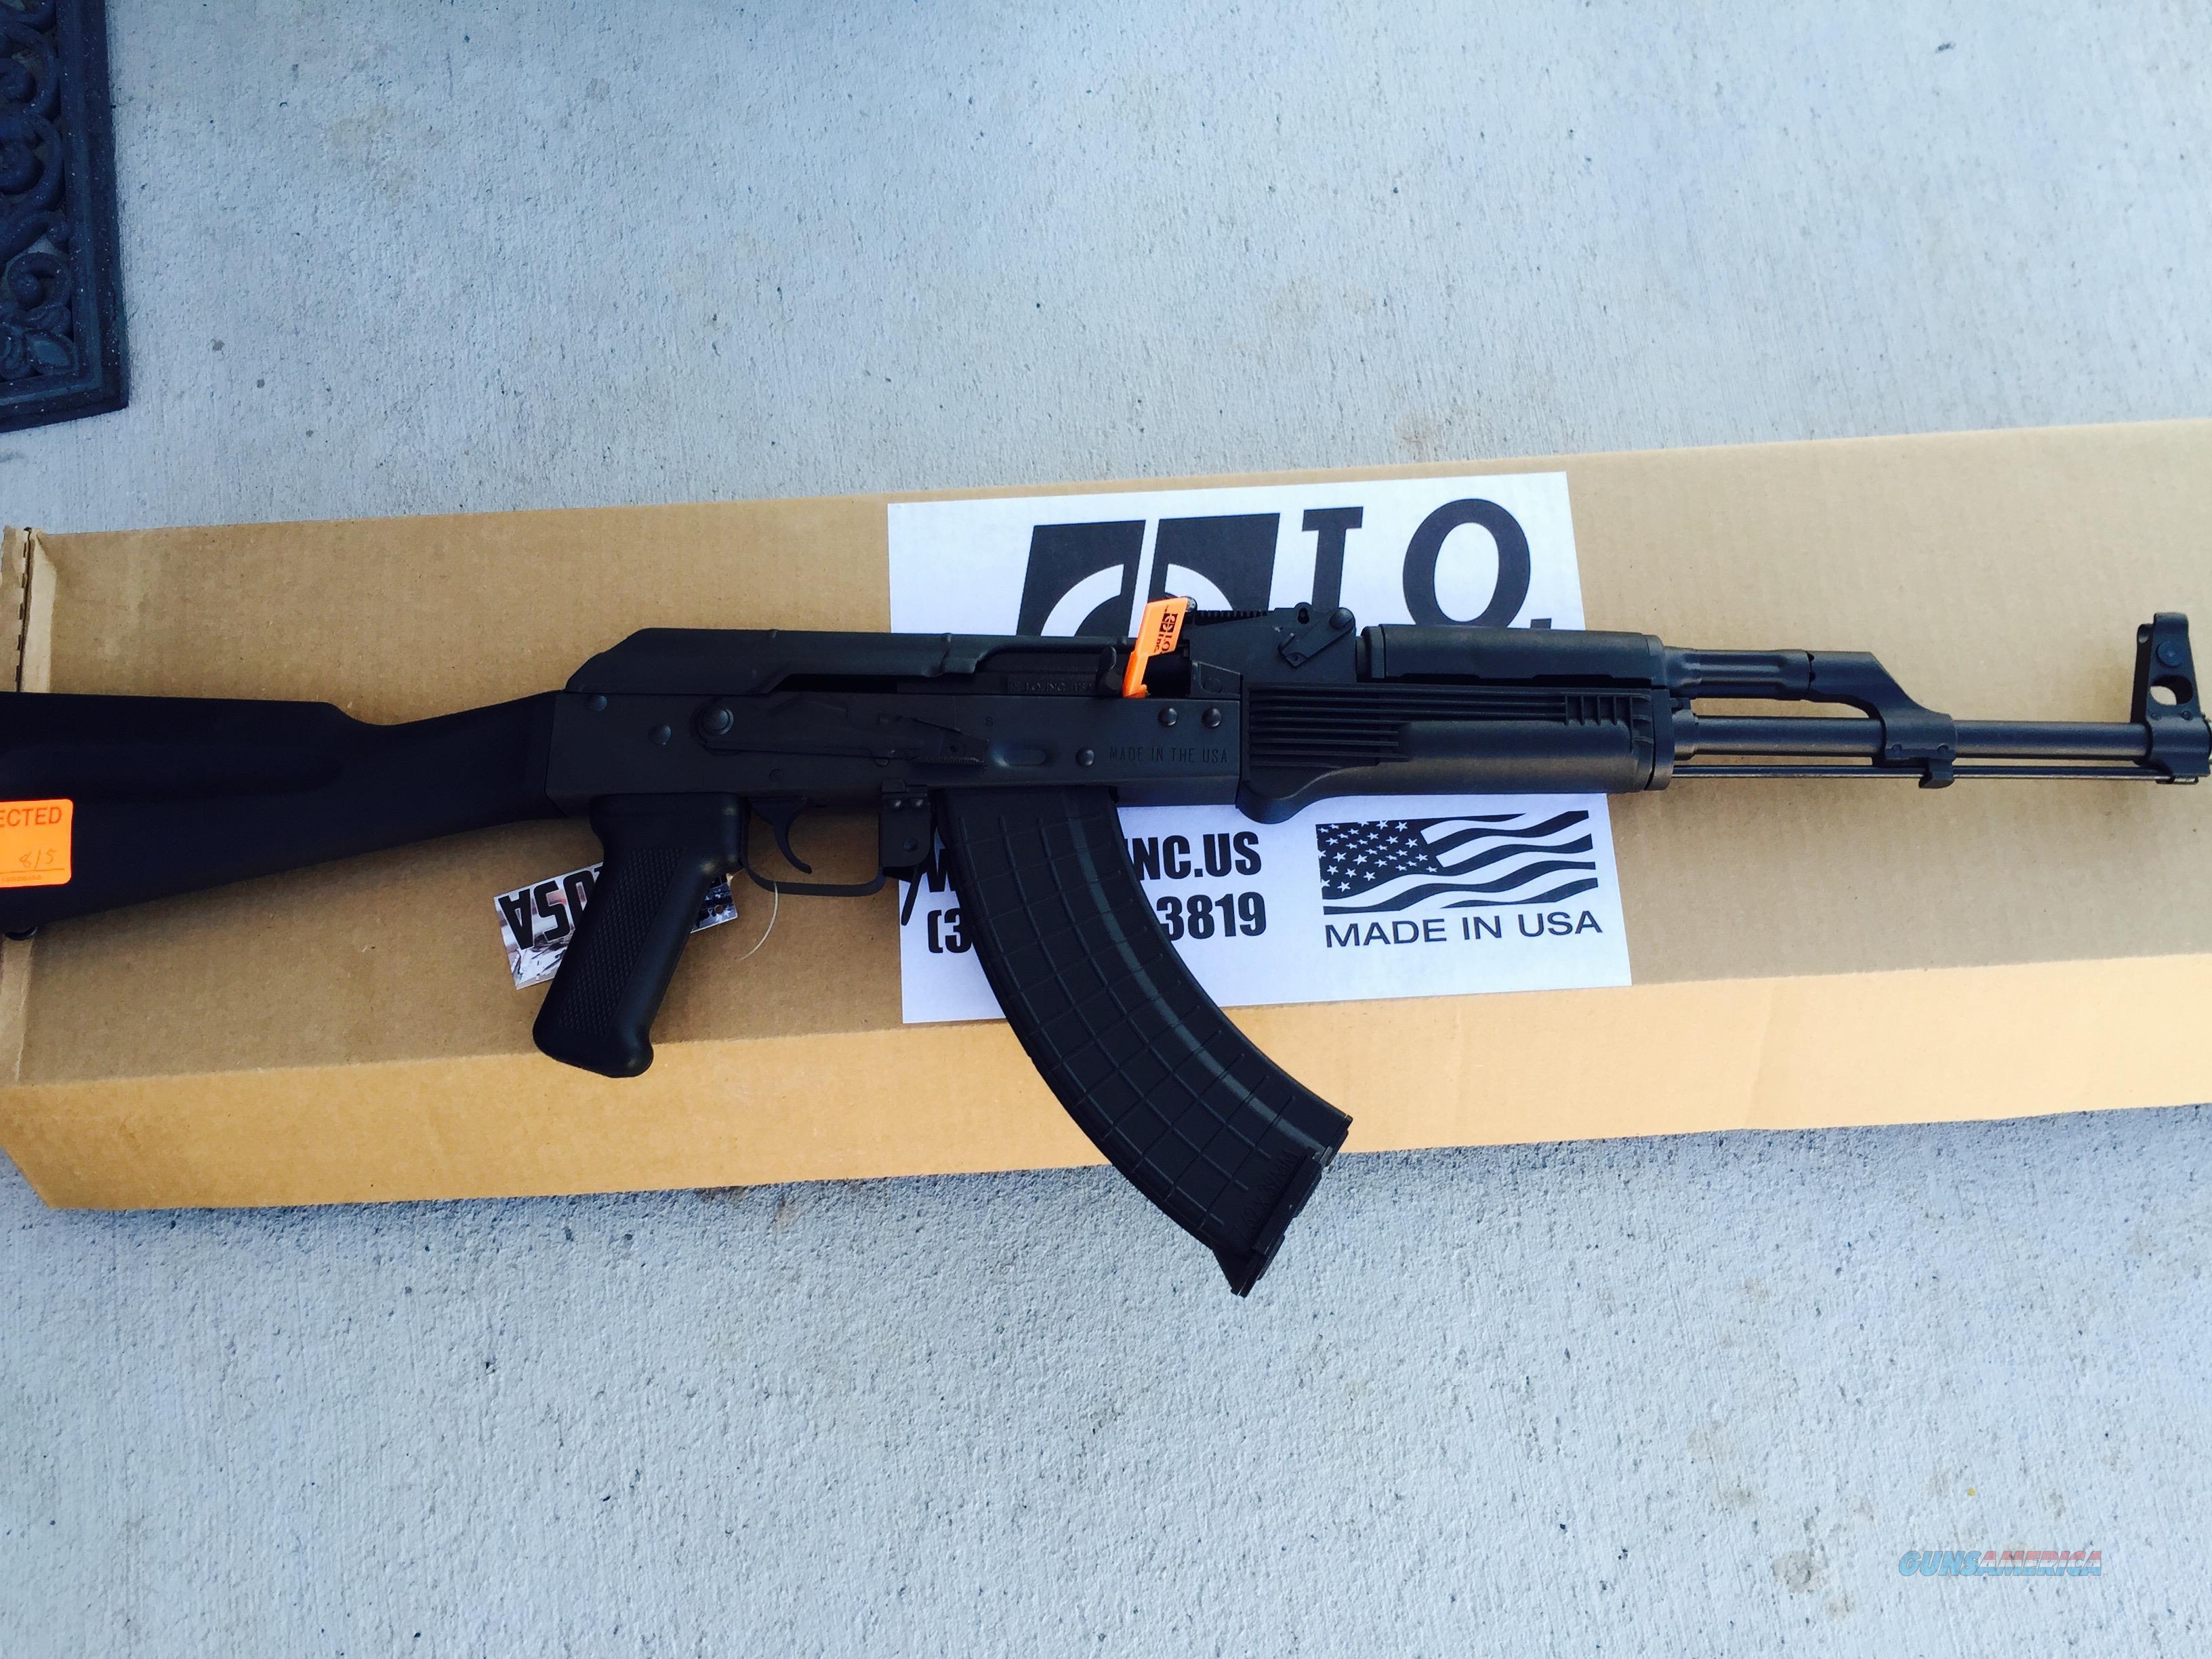 NEW I.O. Inc AK47 Inter Ordnance AKM47 7.62x39 semi auto rifle  Guns > Rifles > IJ Misc Rifles